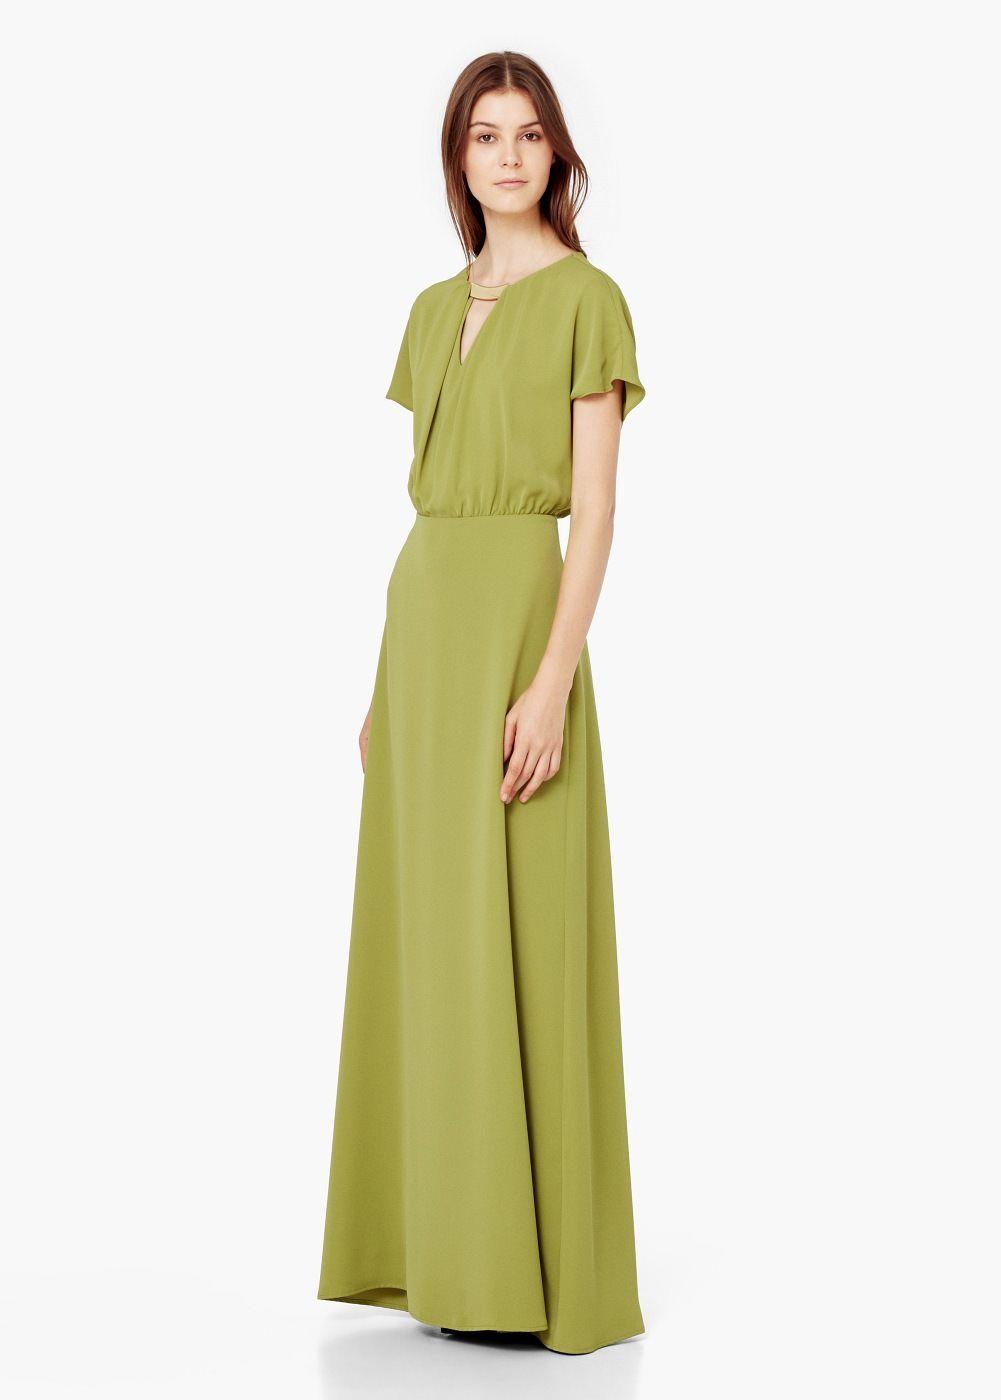 Langes kleid mit metallapplikation - Kleider für Damen | MANGO ...